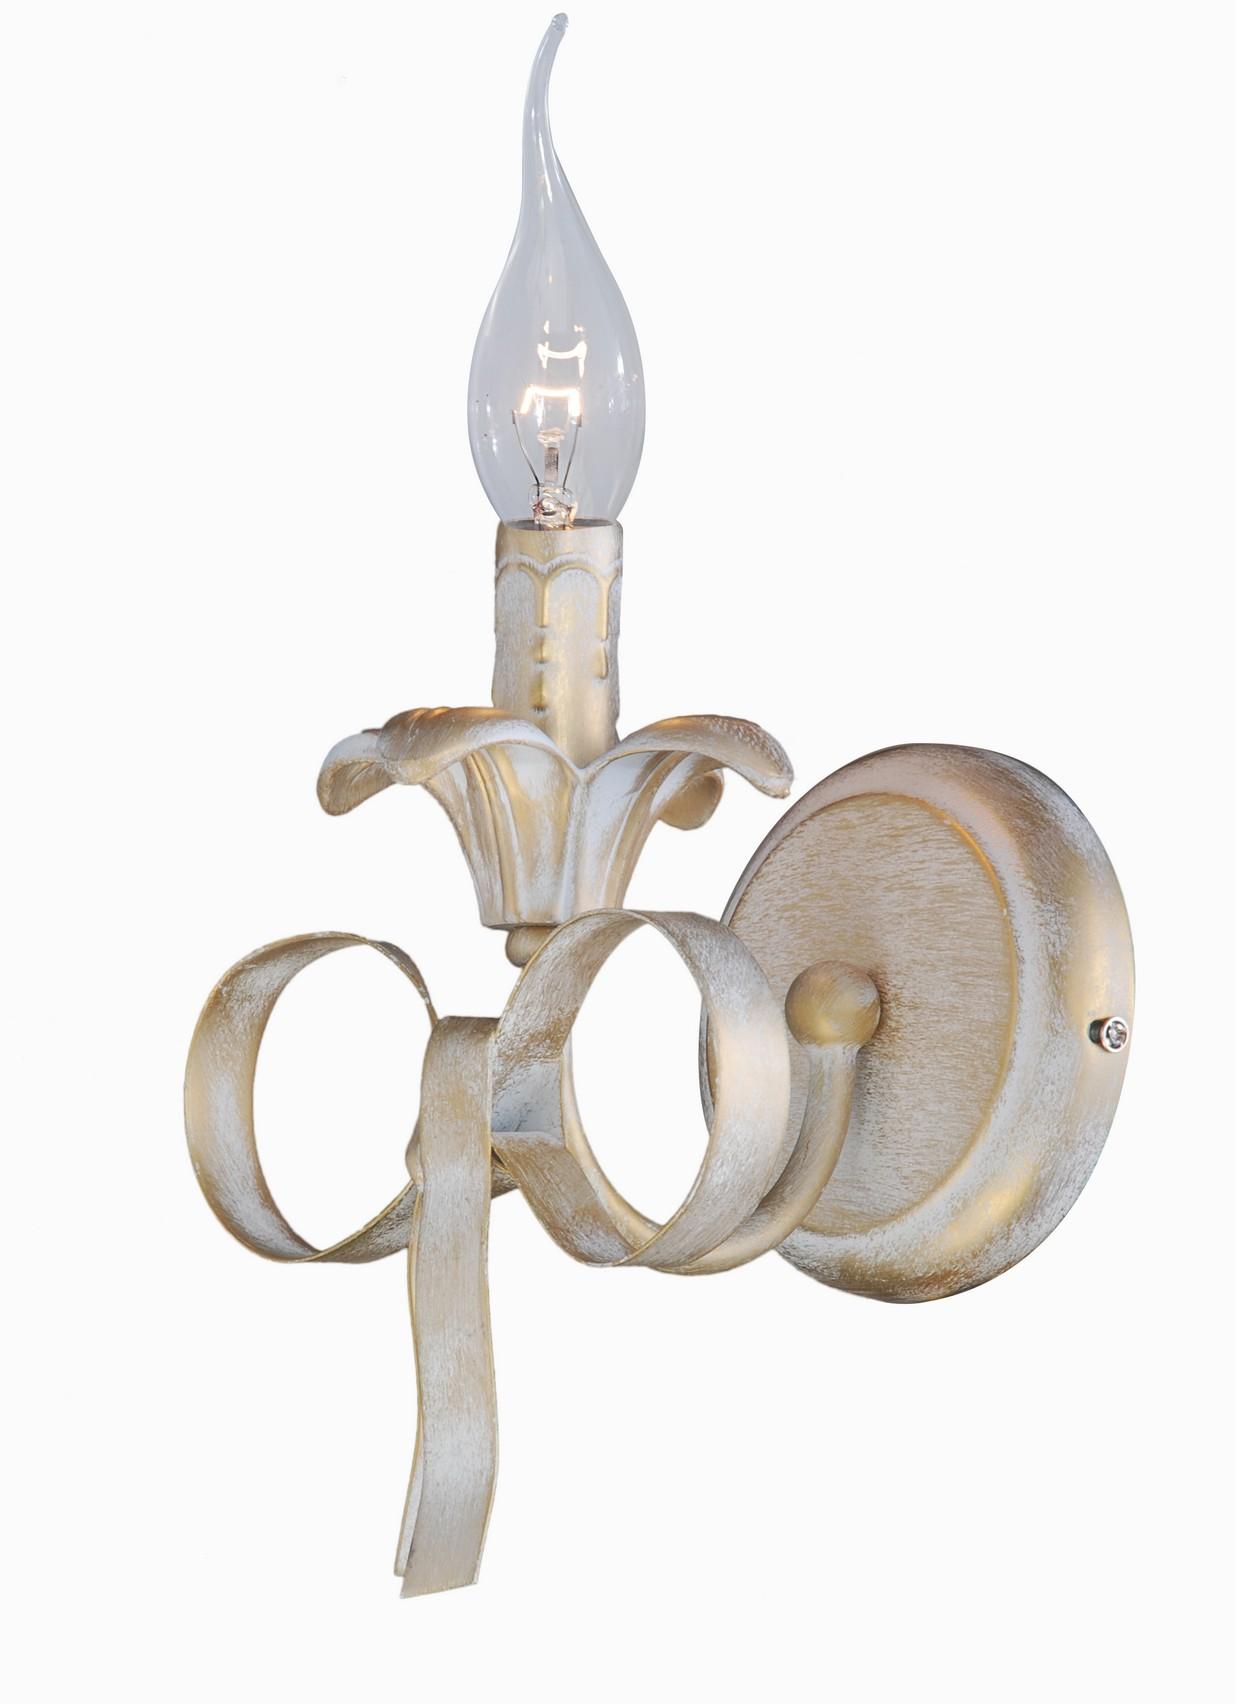 Бра Arte lampНастенные светильники и бра<br>Тип: бра, Назначение светильника: для комнаты, Стиль светильника: модерн, Материал светильника: металл, Тип лампы: накаливания, Количество ламп: 1, Мощность: 40, Патрон: Е14, Цвет арматуры: золото, Длина (мм): 200, Высота: 390, Диаметр: 160, Коллекция: olivia 1018<br>